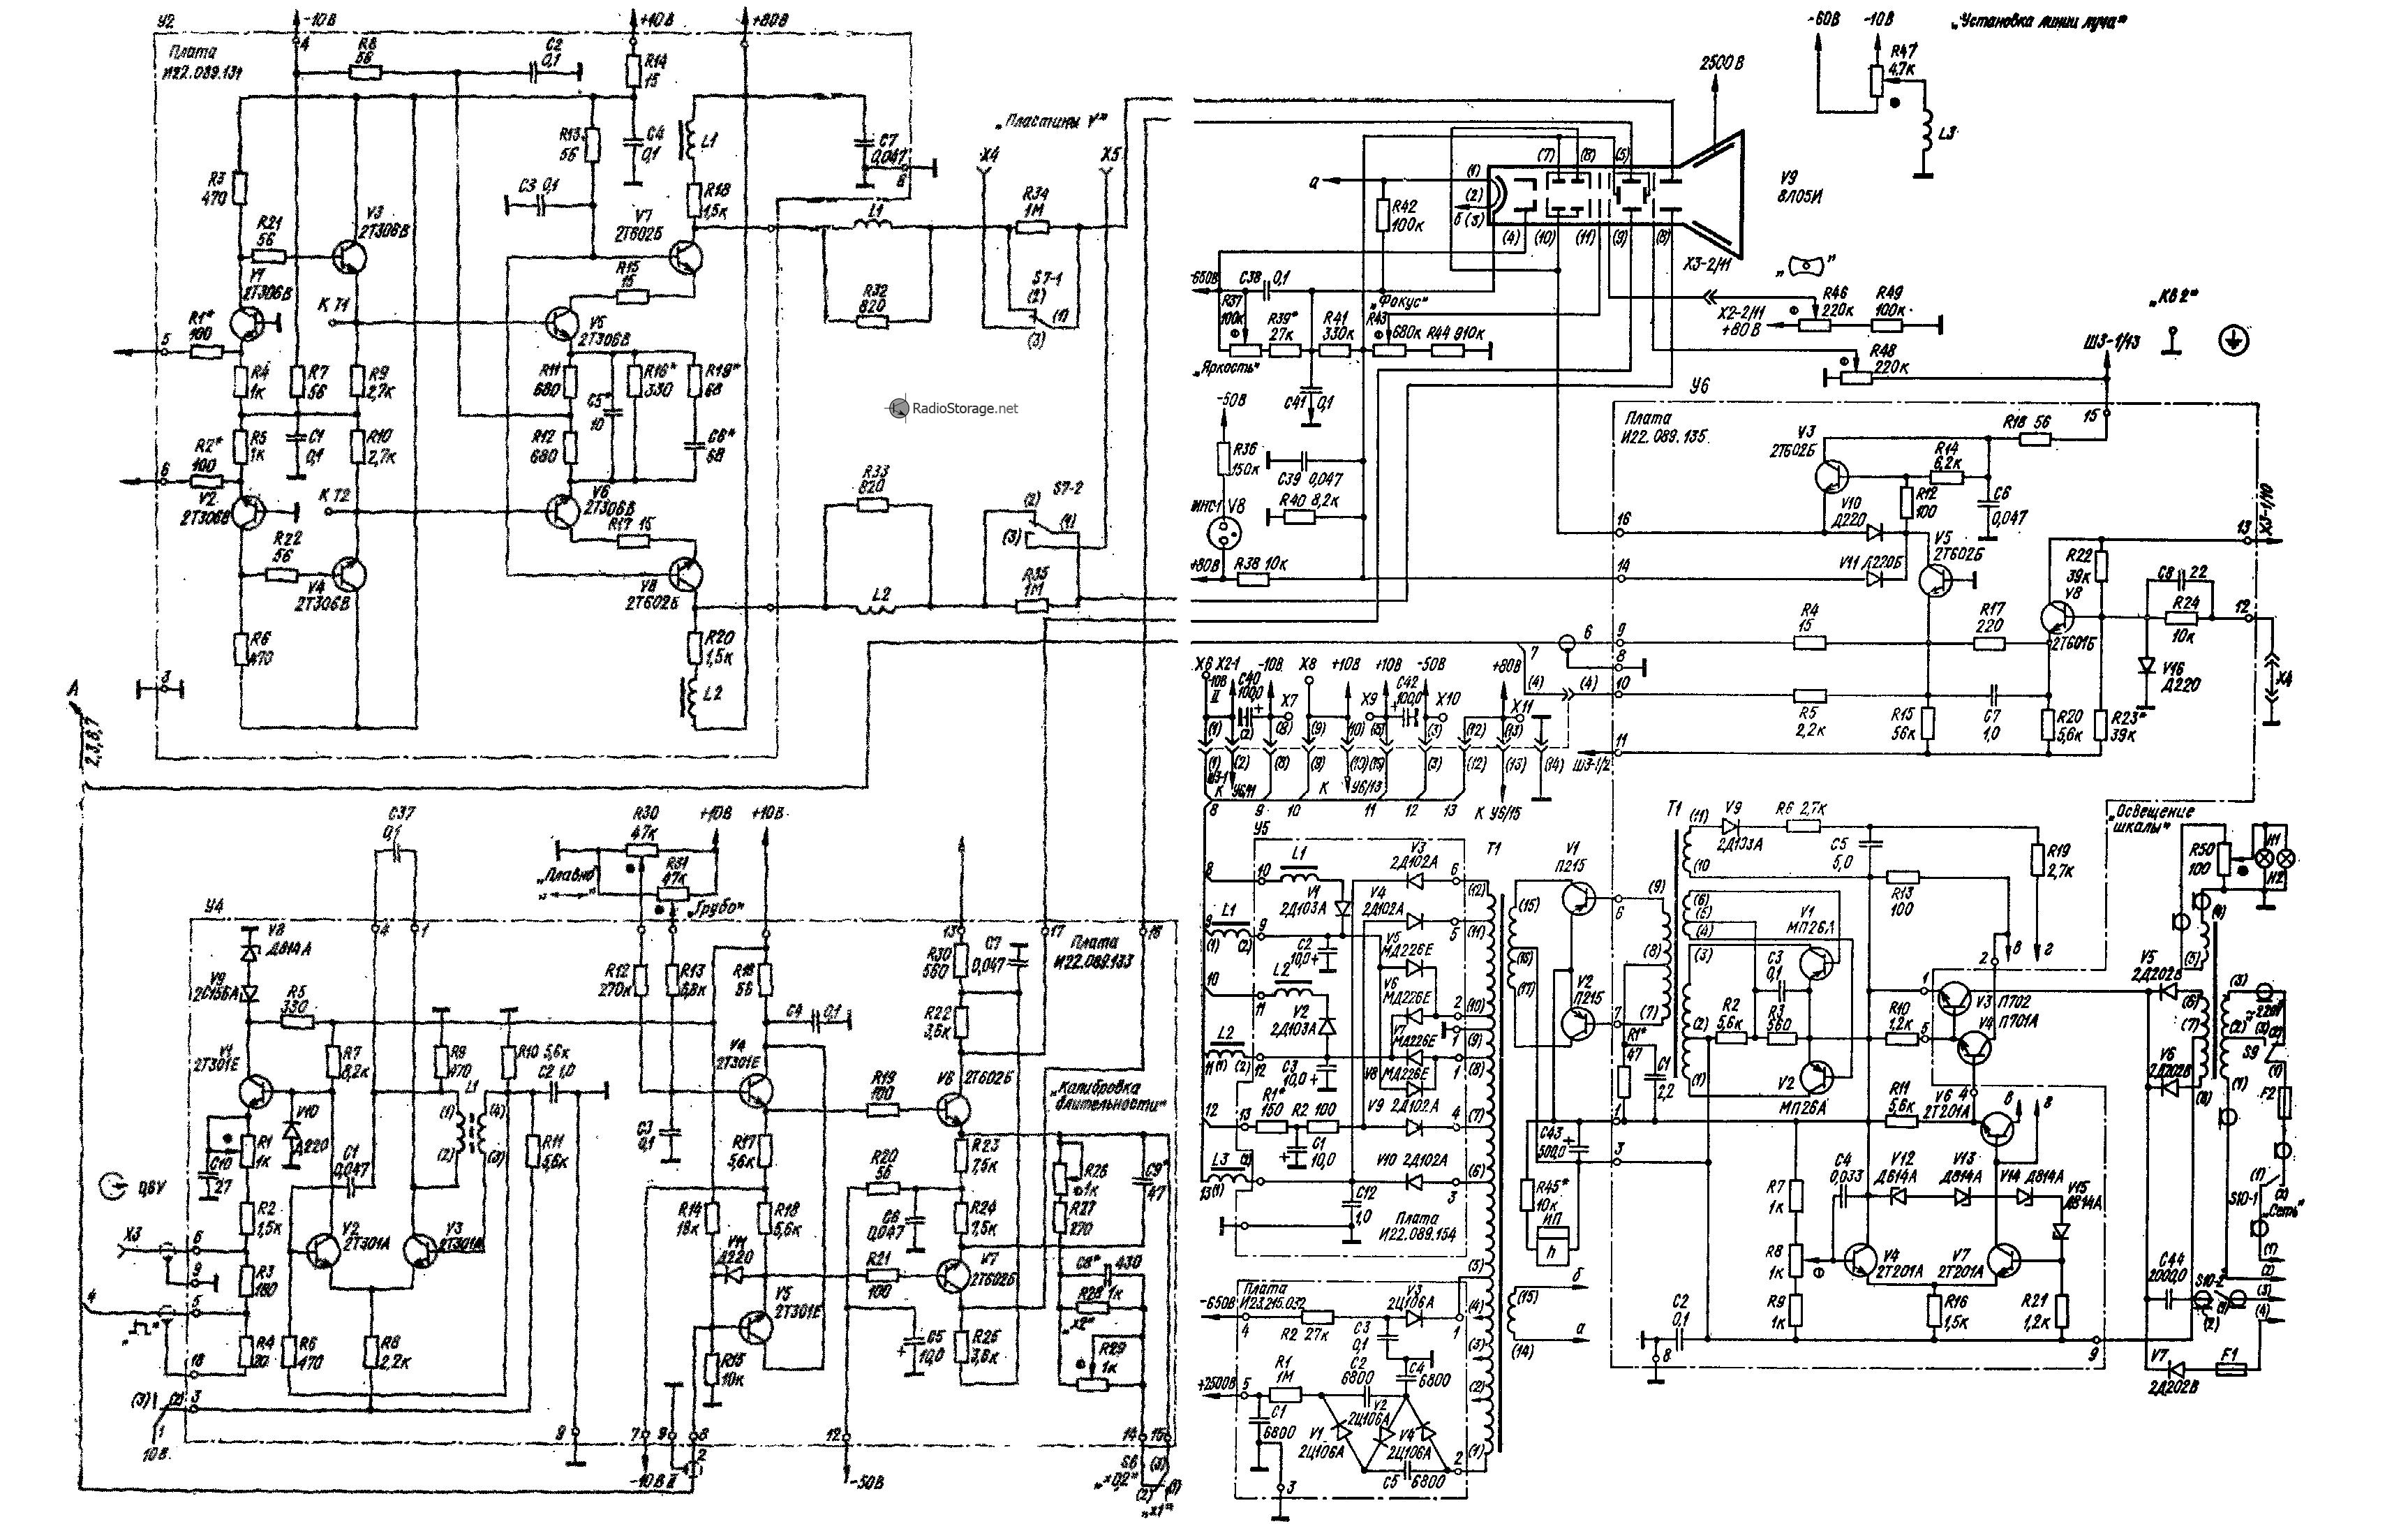 Осциллограф С1-67, схема